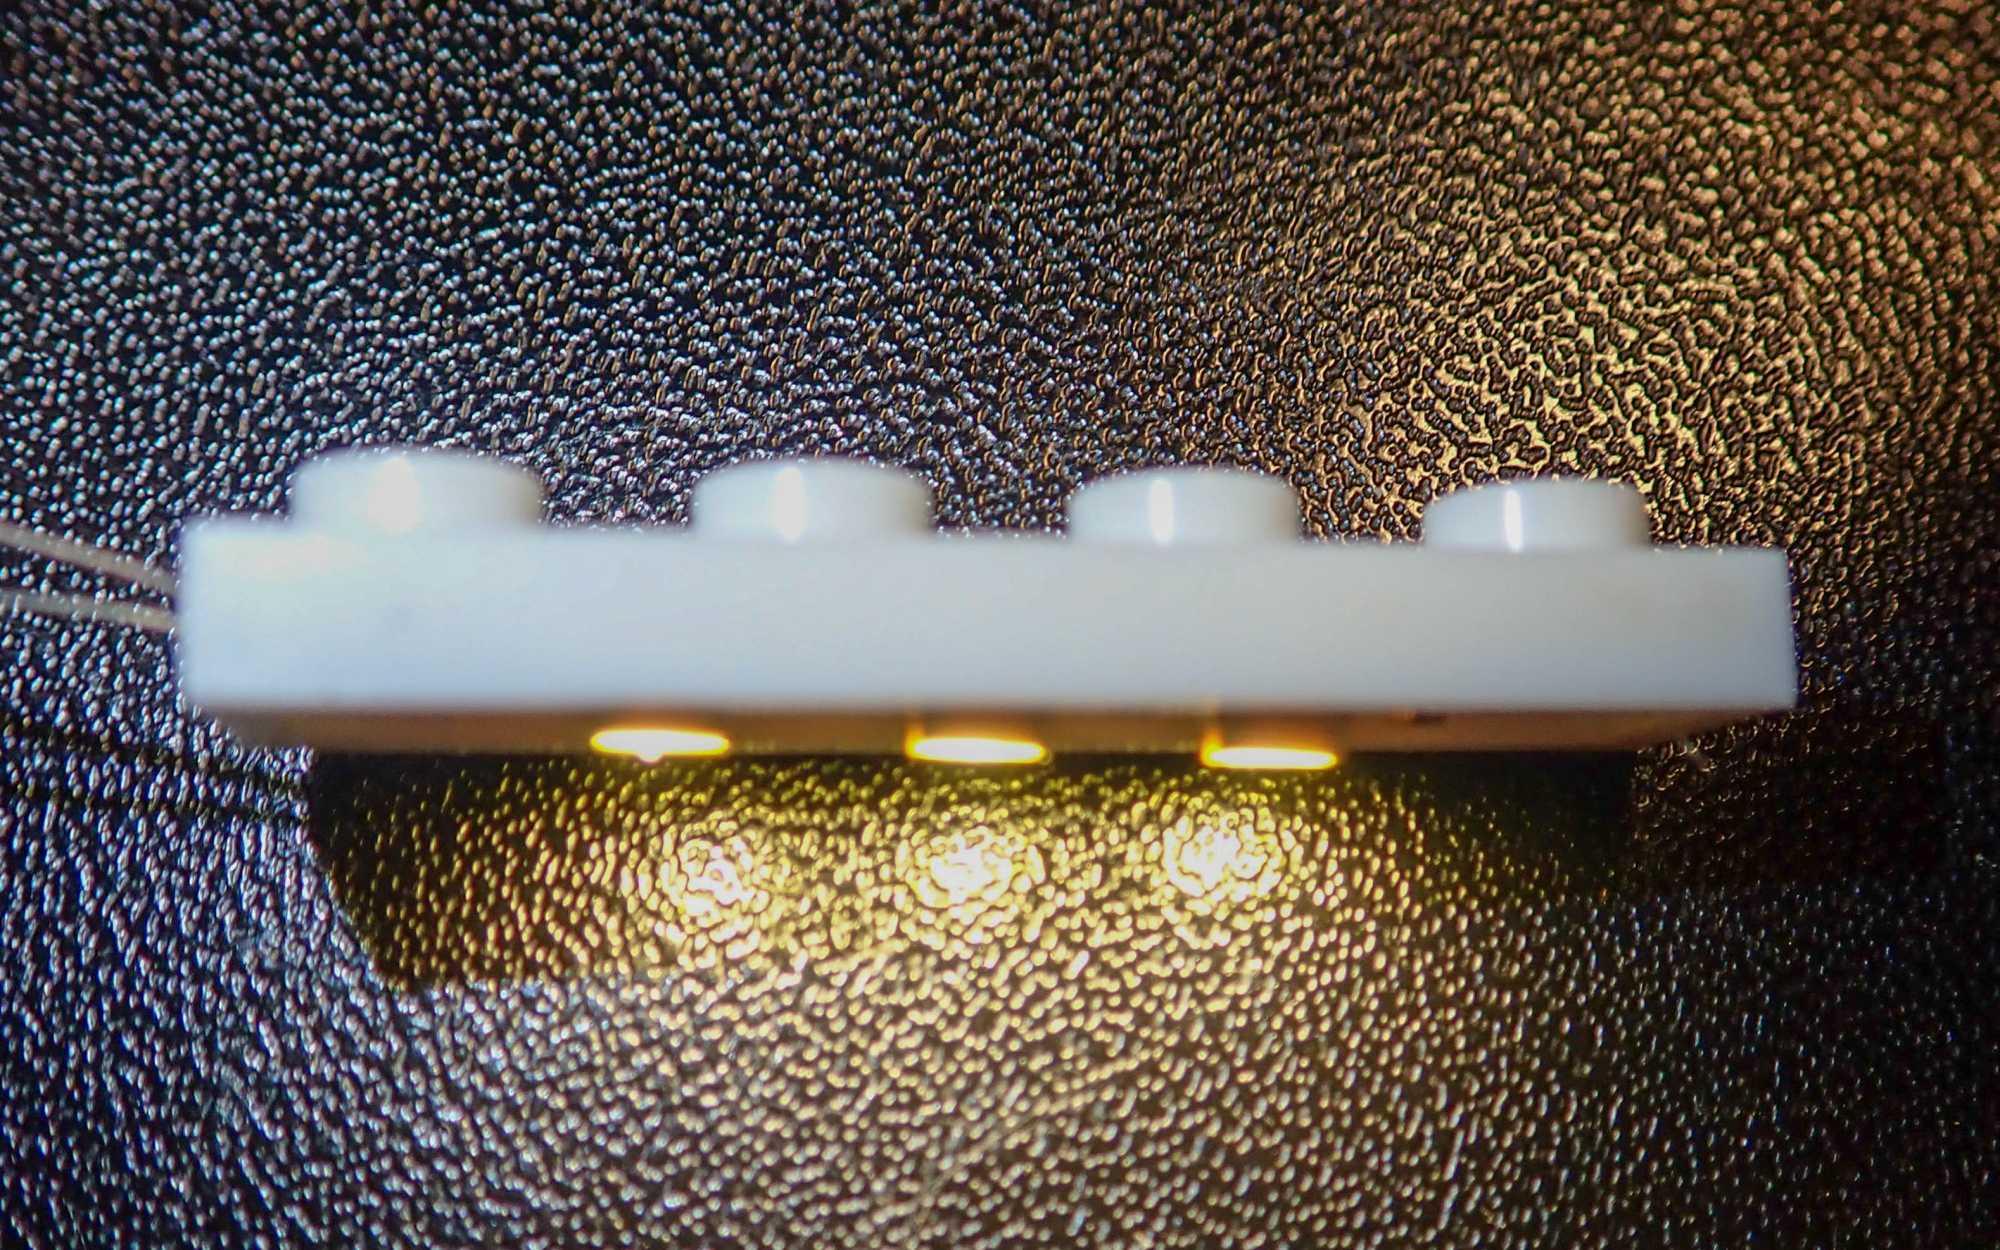 Ein weißer Lego-Streifen mit vier Noppen, auf der Unterseite sind drei LEDs befestigt.